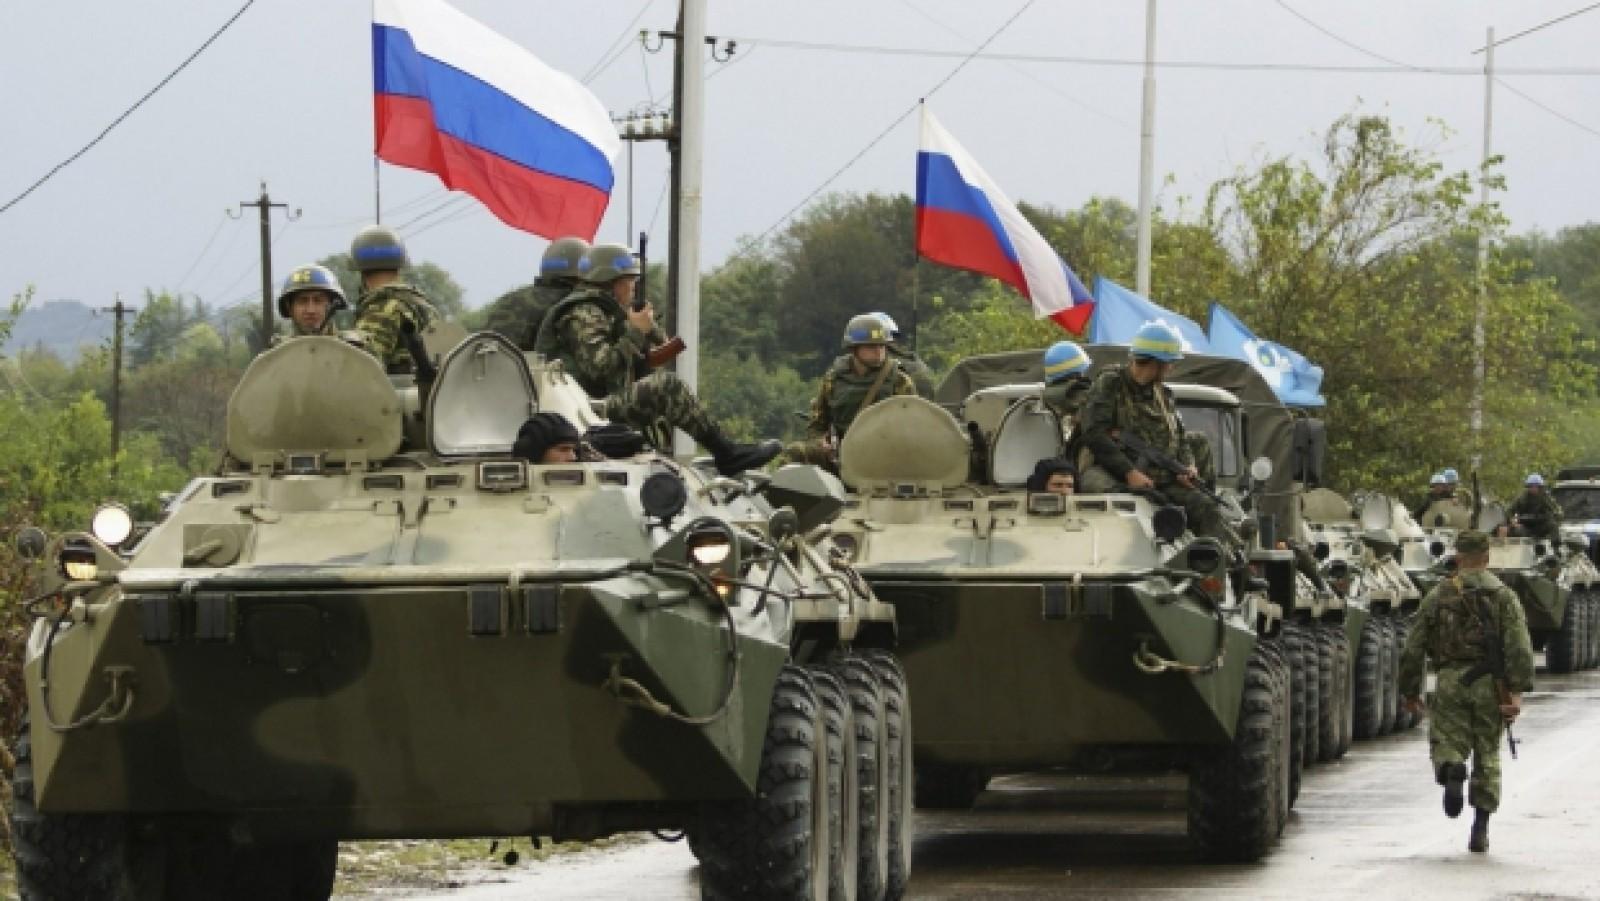 Trupele rusești din regiunea transnistreană vor participa la parada militară de la Tiraspol